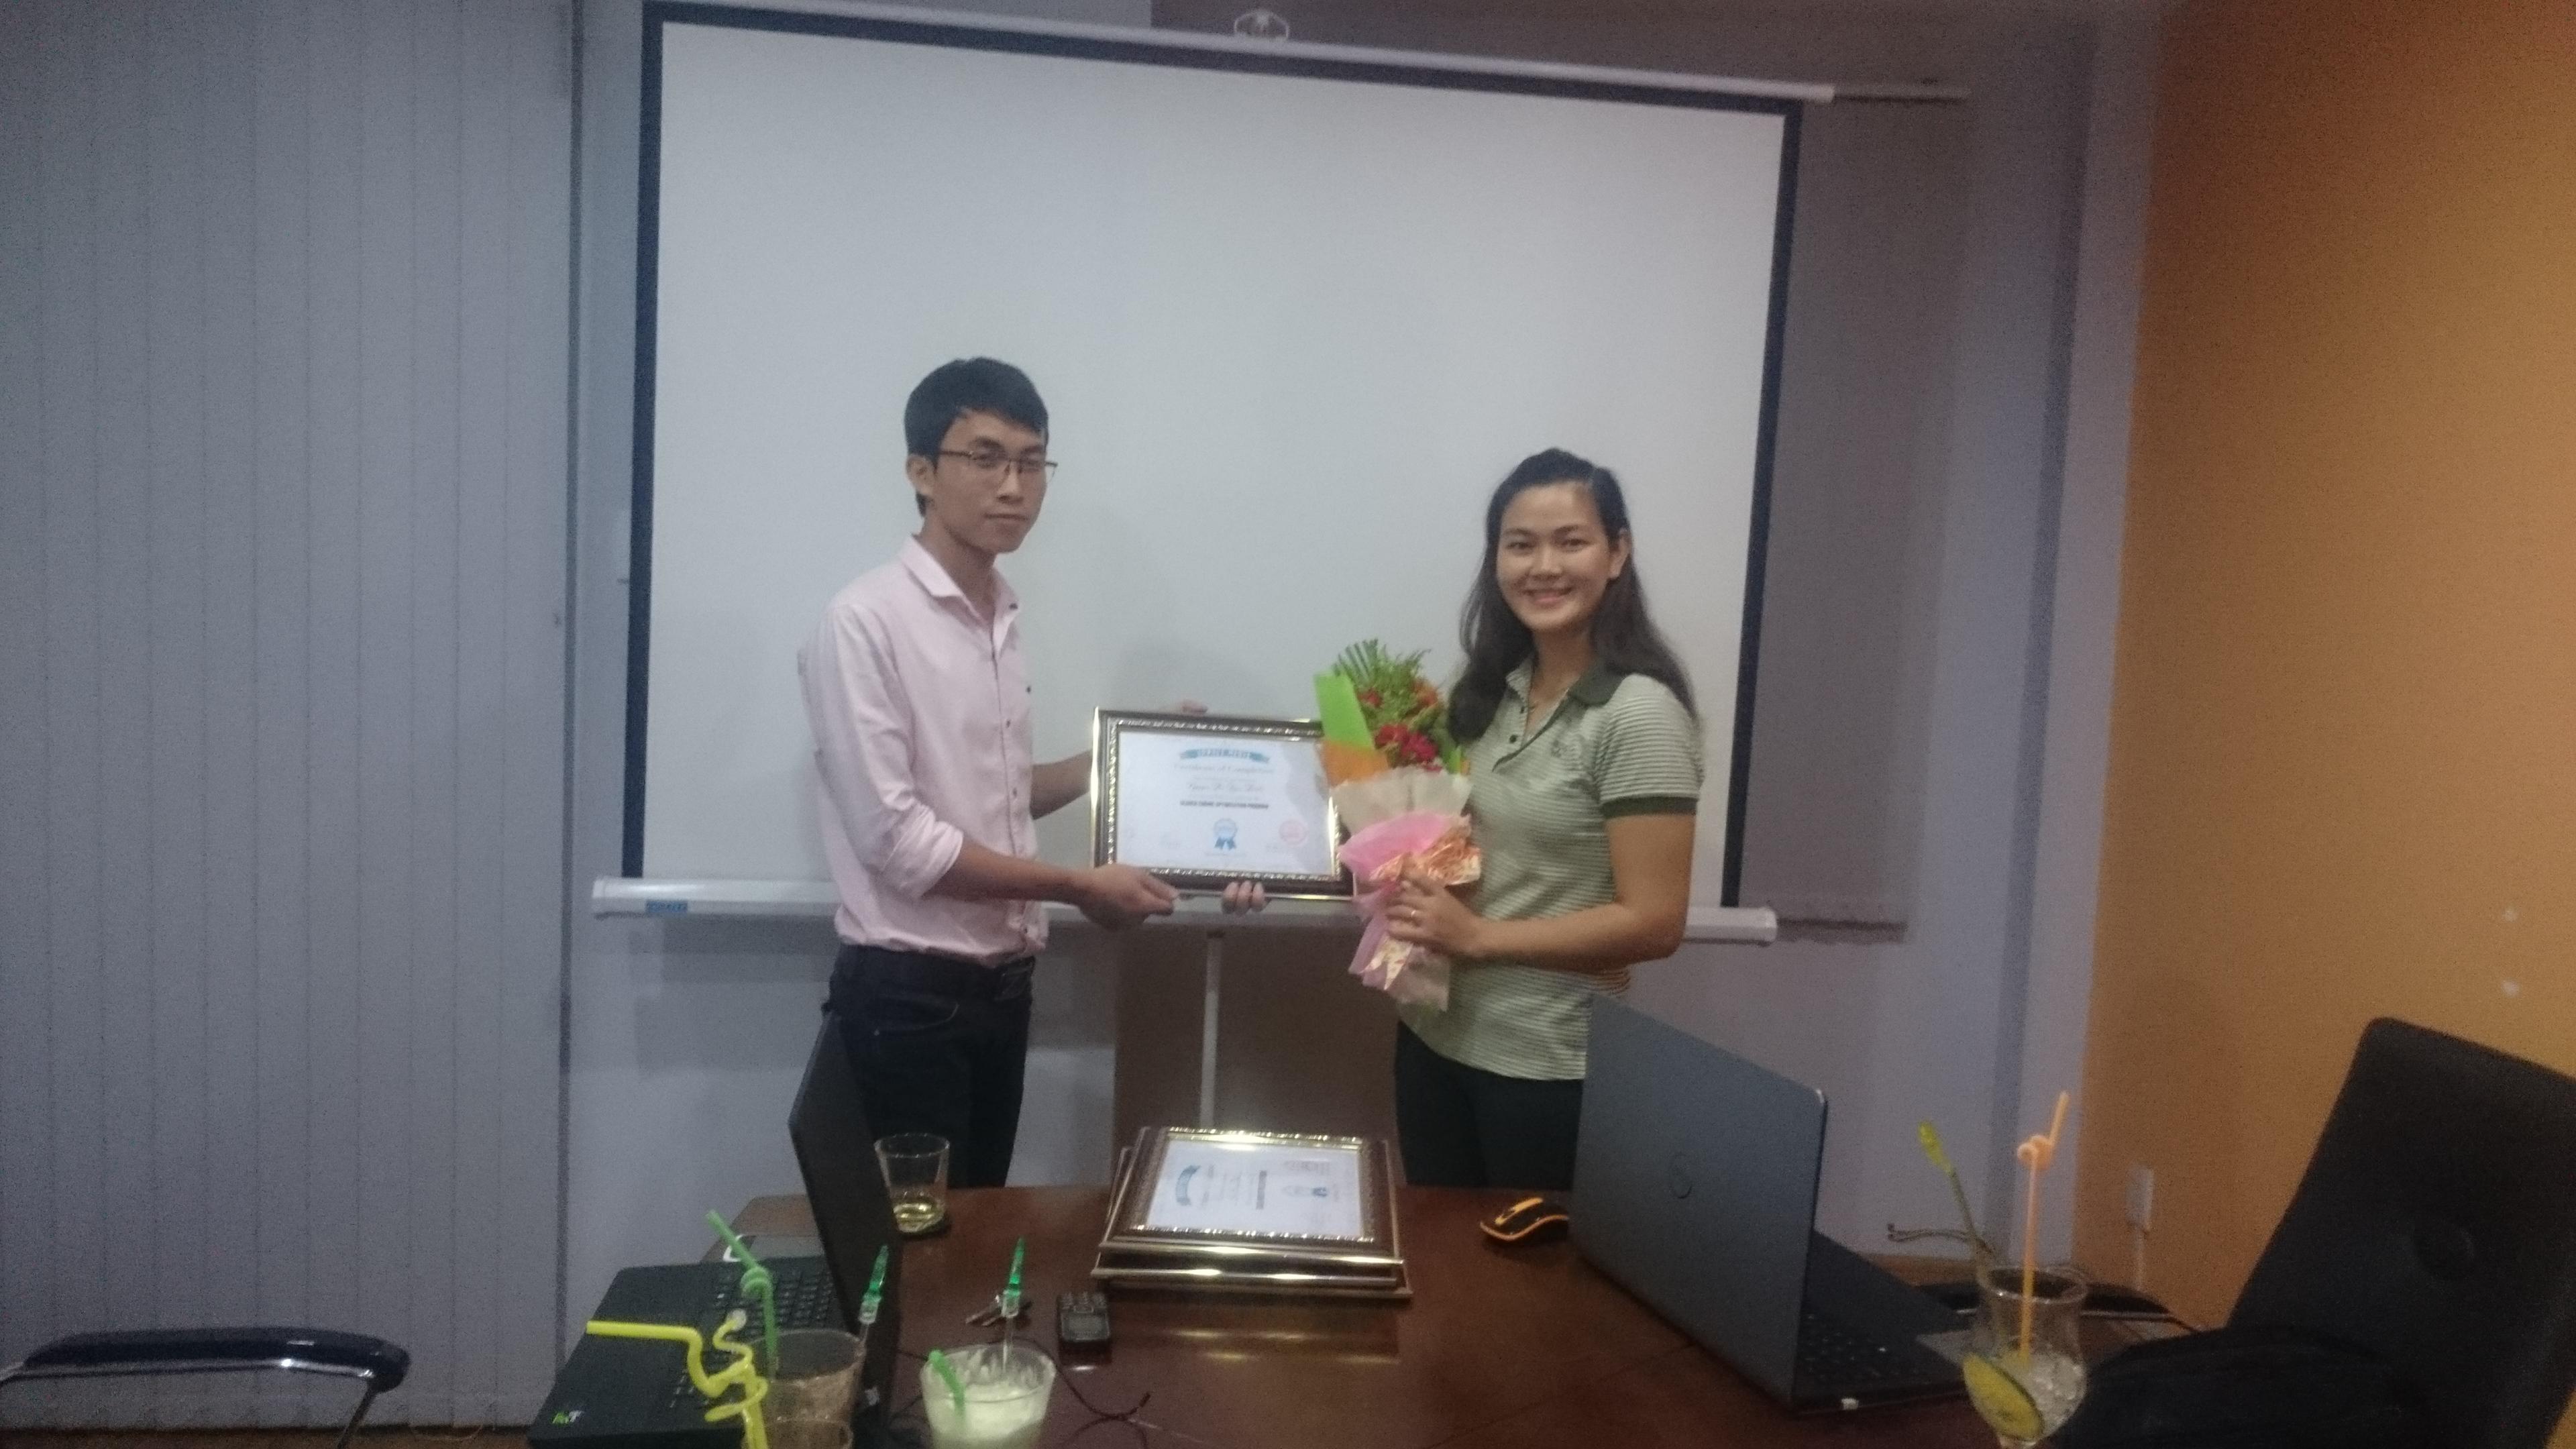 Bạn Trinh nhận chứng nhận hoàn thành khóa học SEO tại APPNET